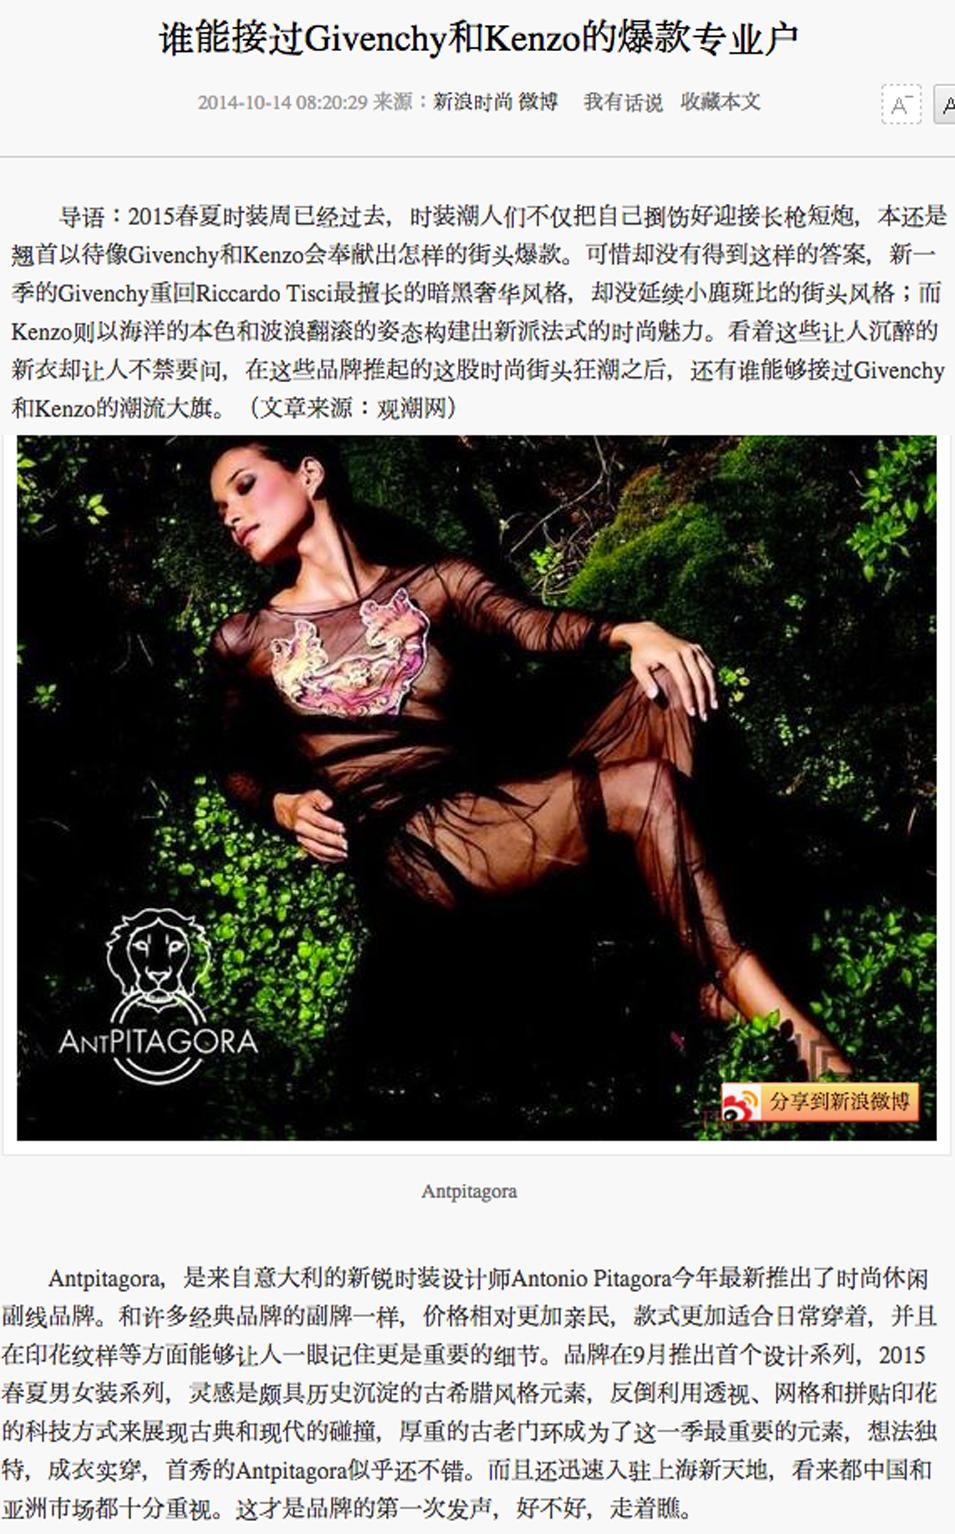 Fashion.Sina.com